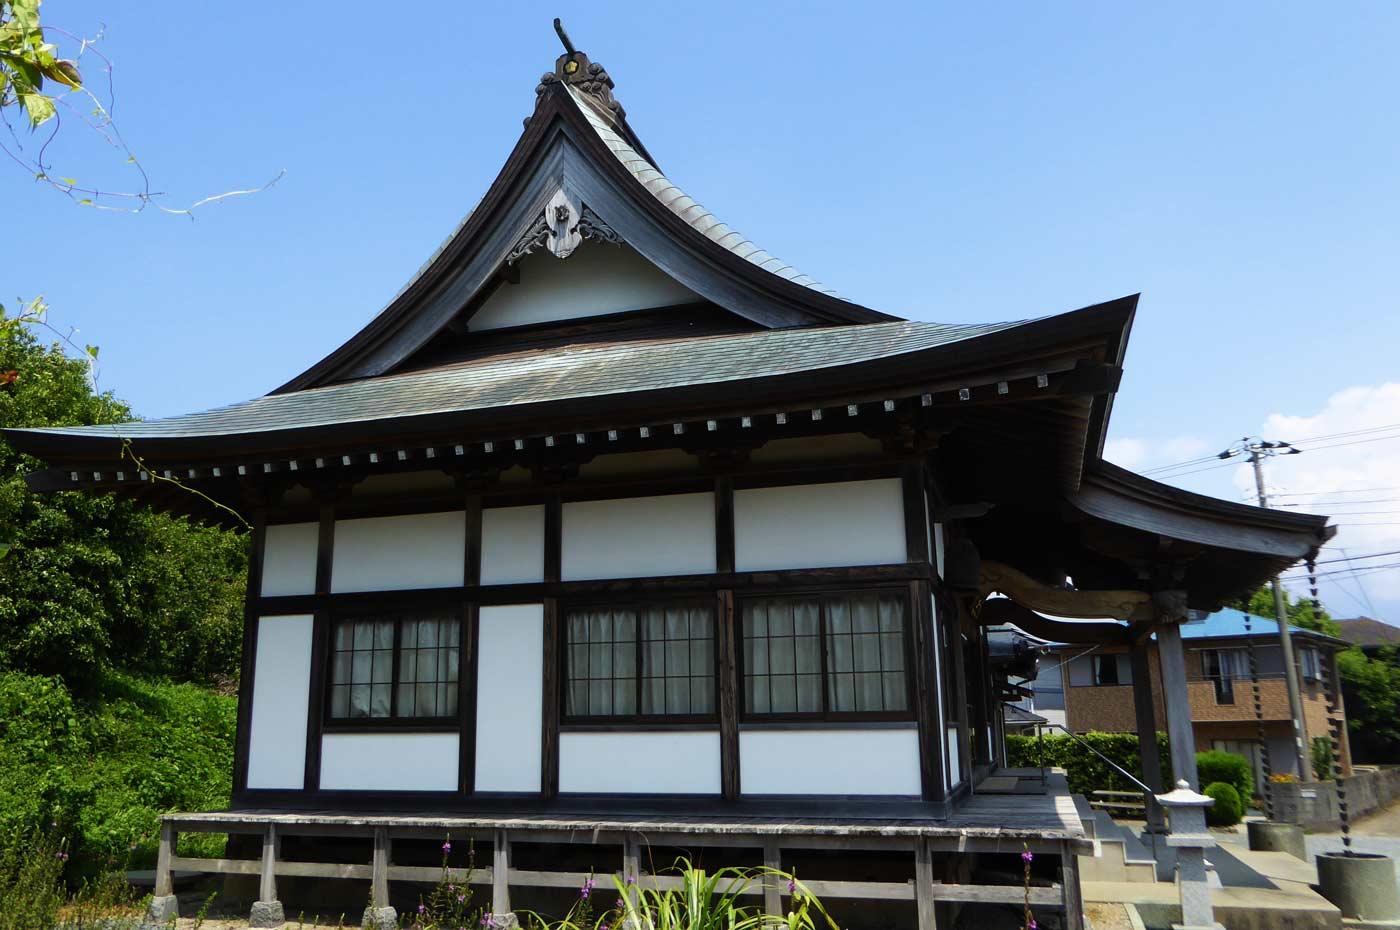 瀧山寺本堂を横から撮影